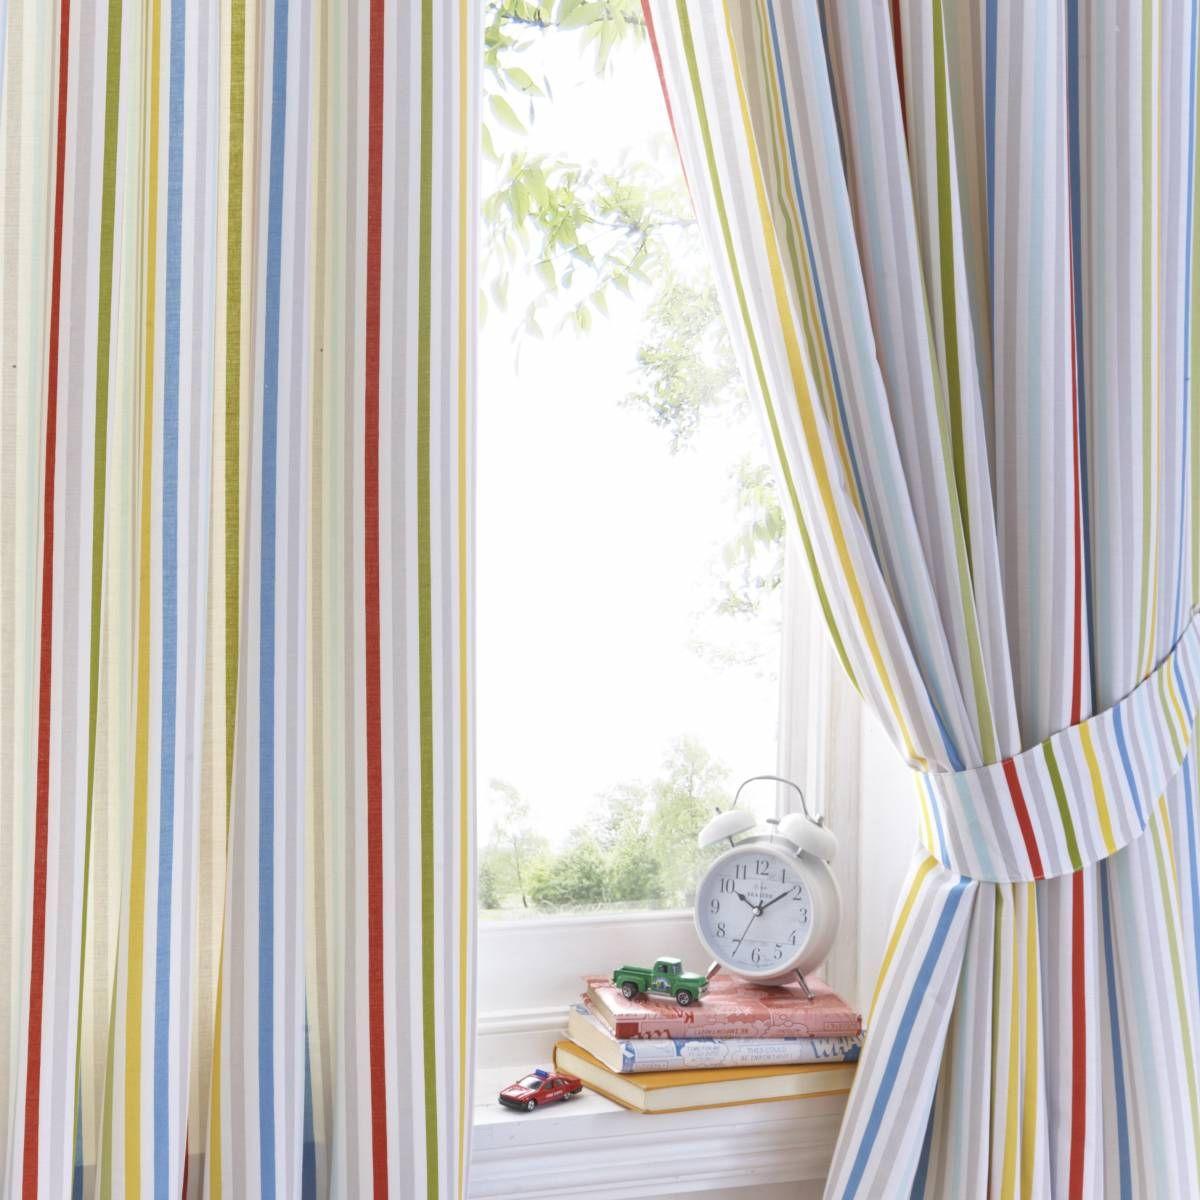 16 Remarkable Childrens Bedroom Curtains Digital Image Idea Kids